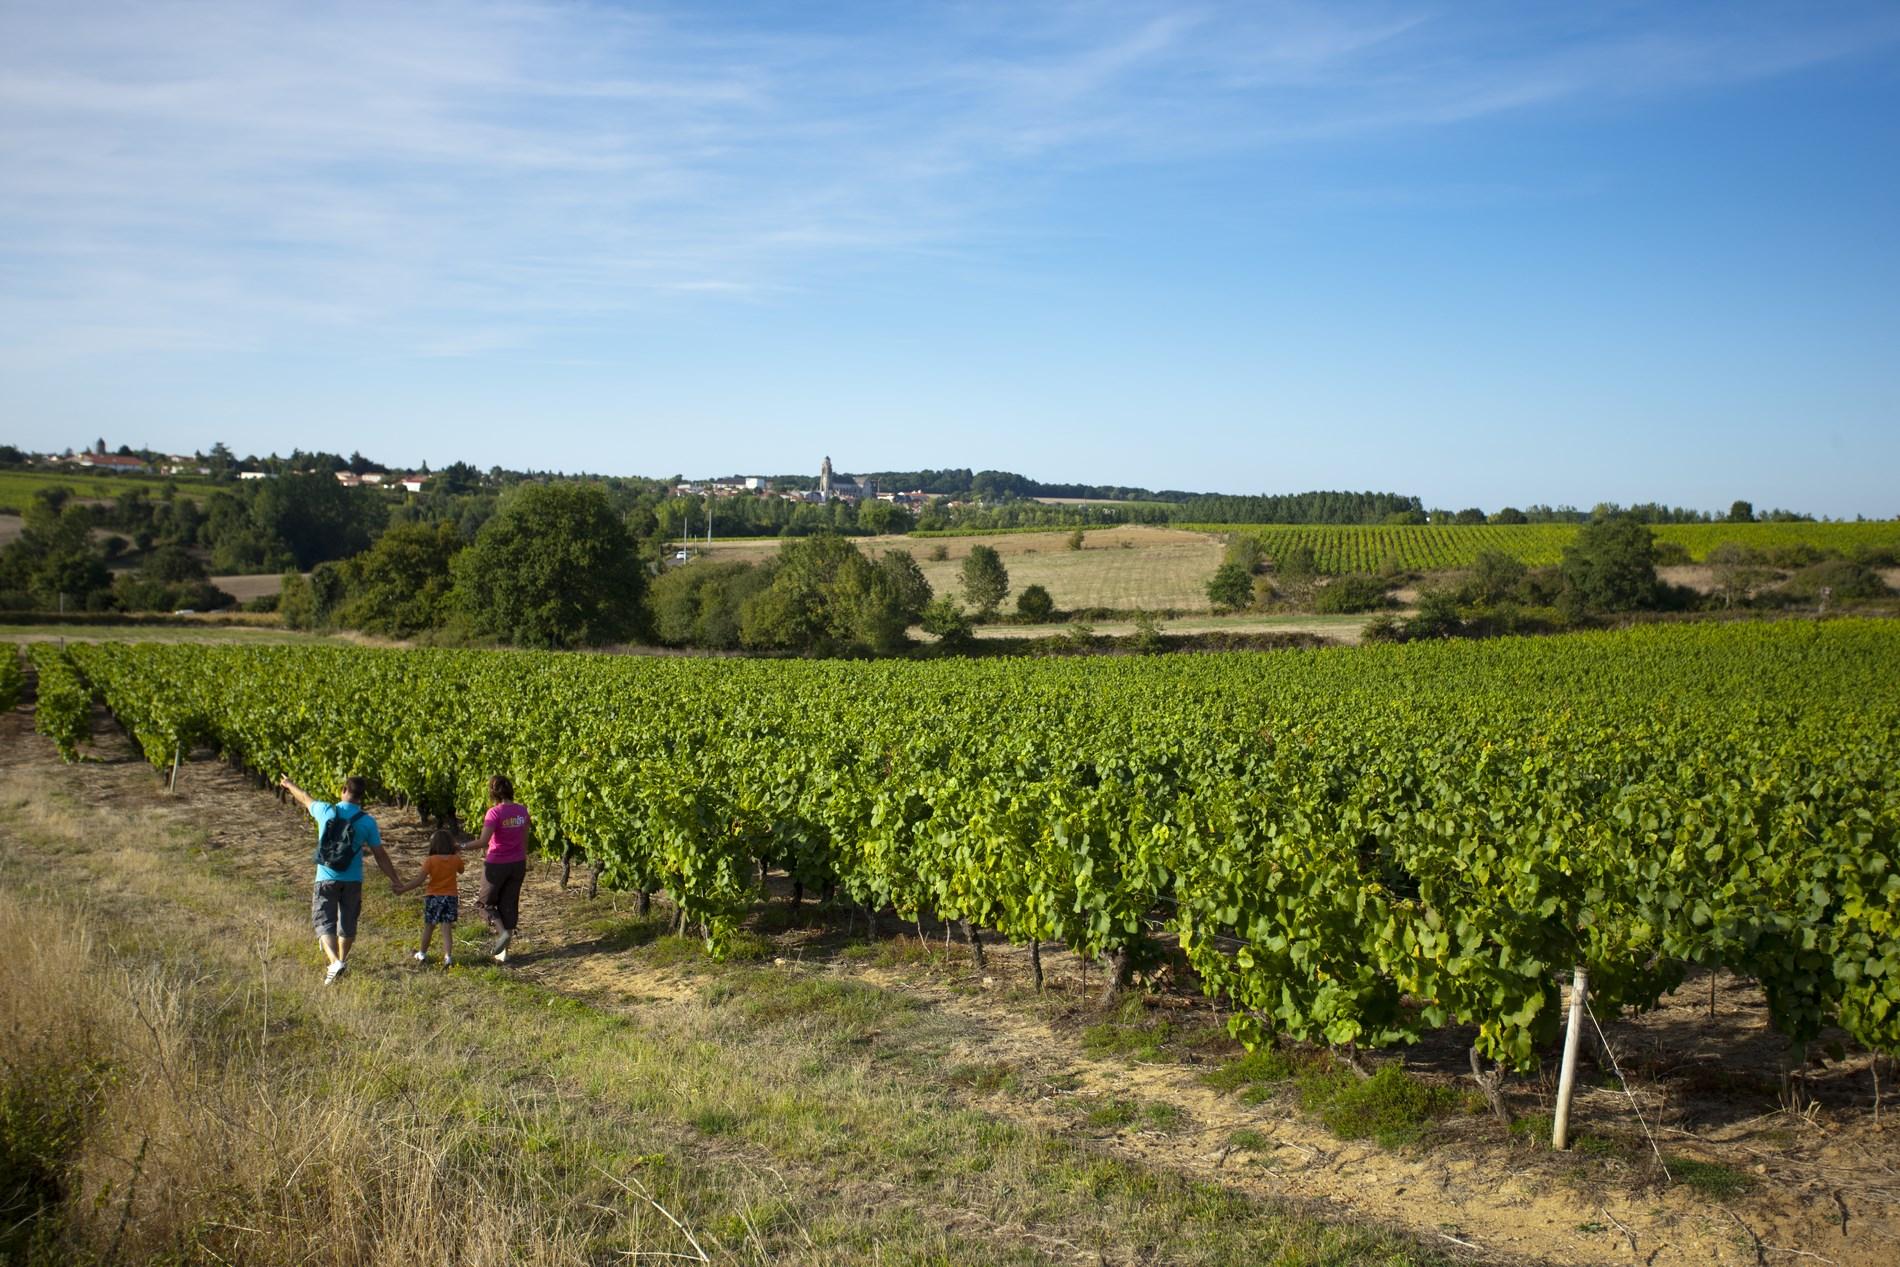 Les Jardins De La Robinière hiking routes - visit nantes vineyard